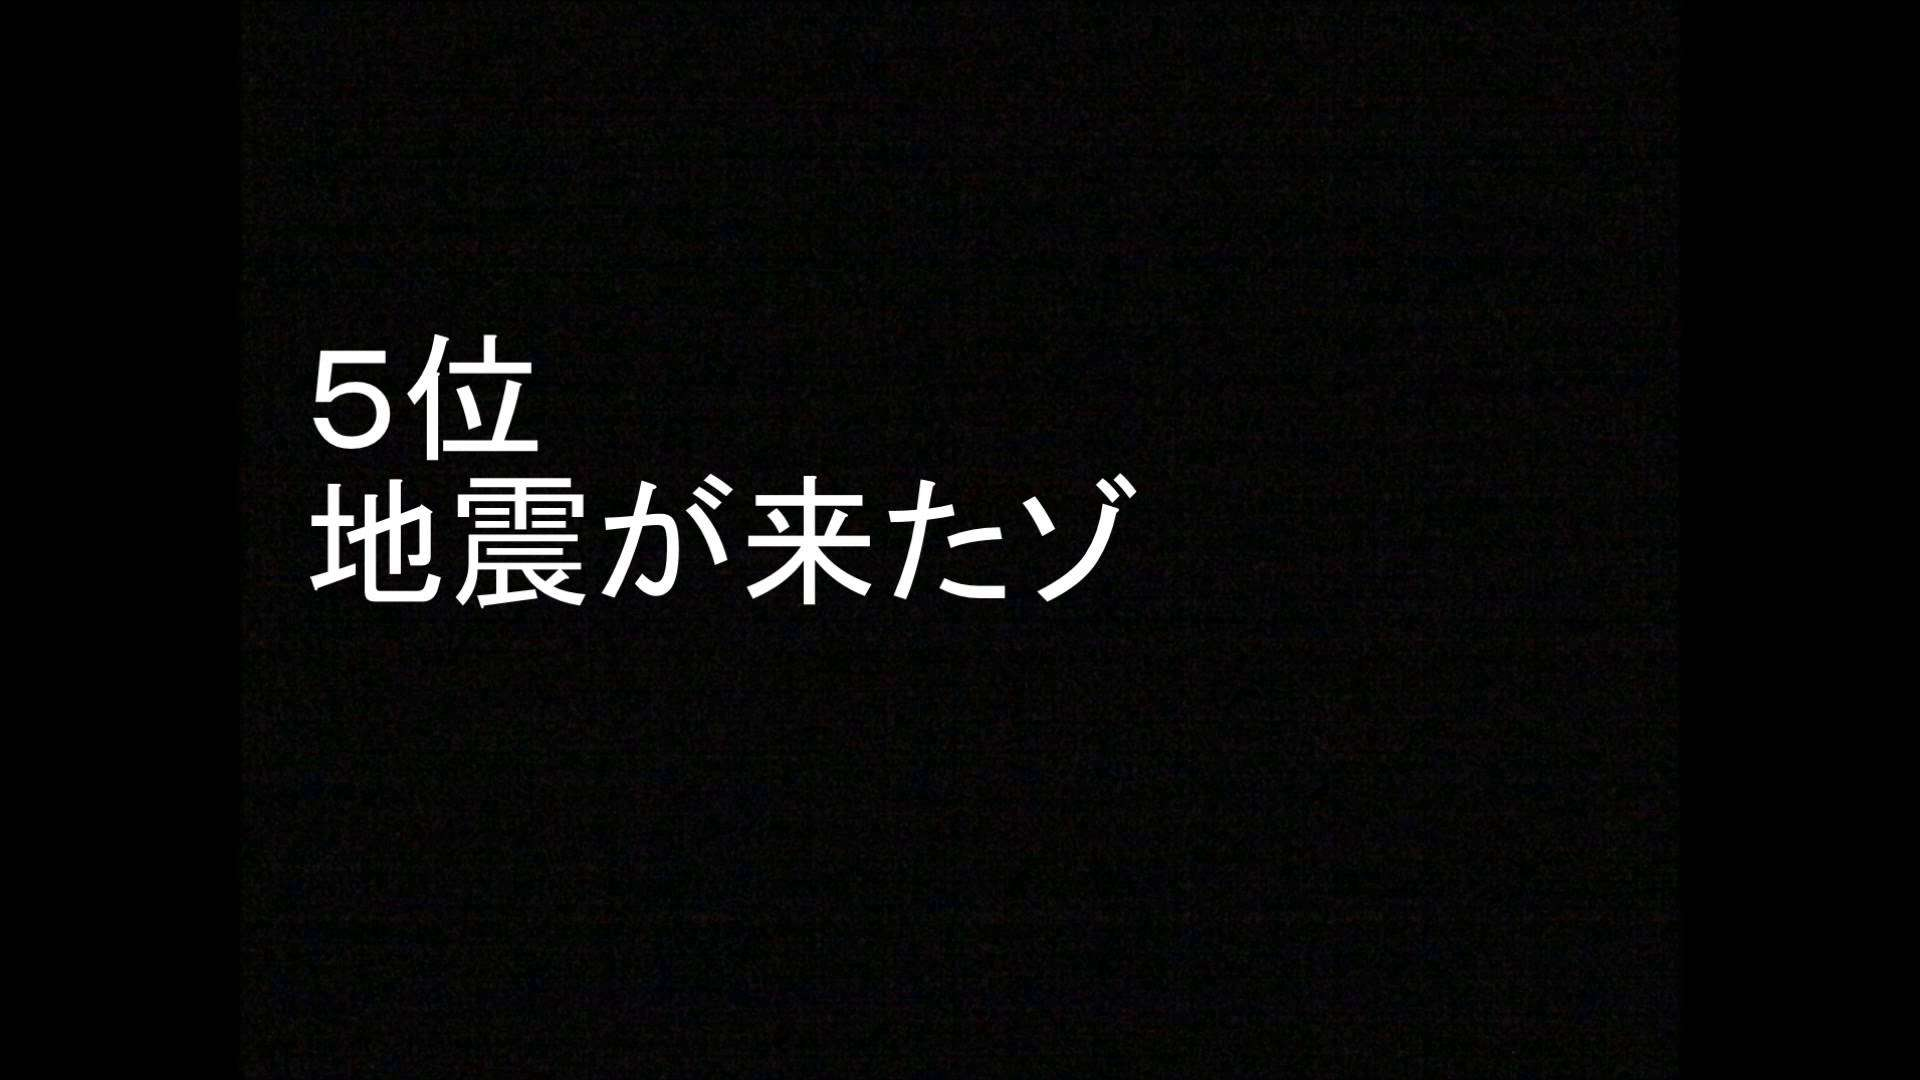 「クレヨンしんちゃん1993年」 おすすめエピソード ランキング - YouTube